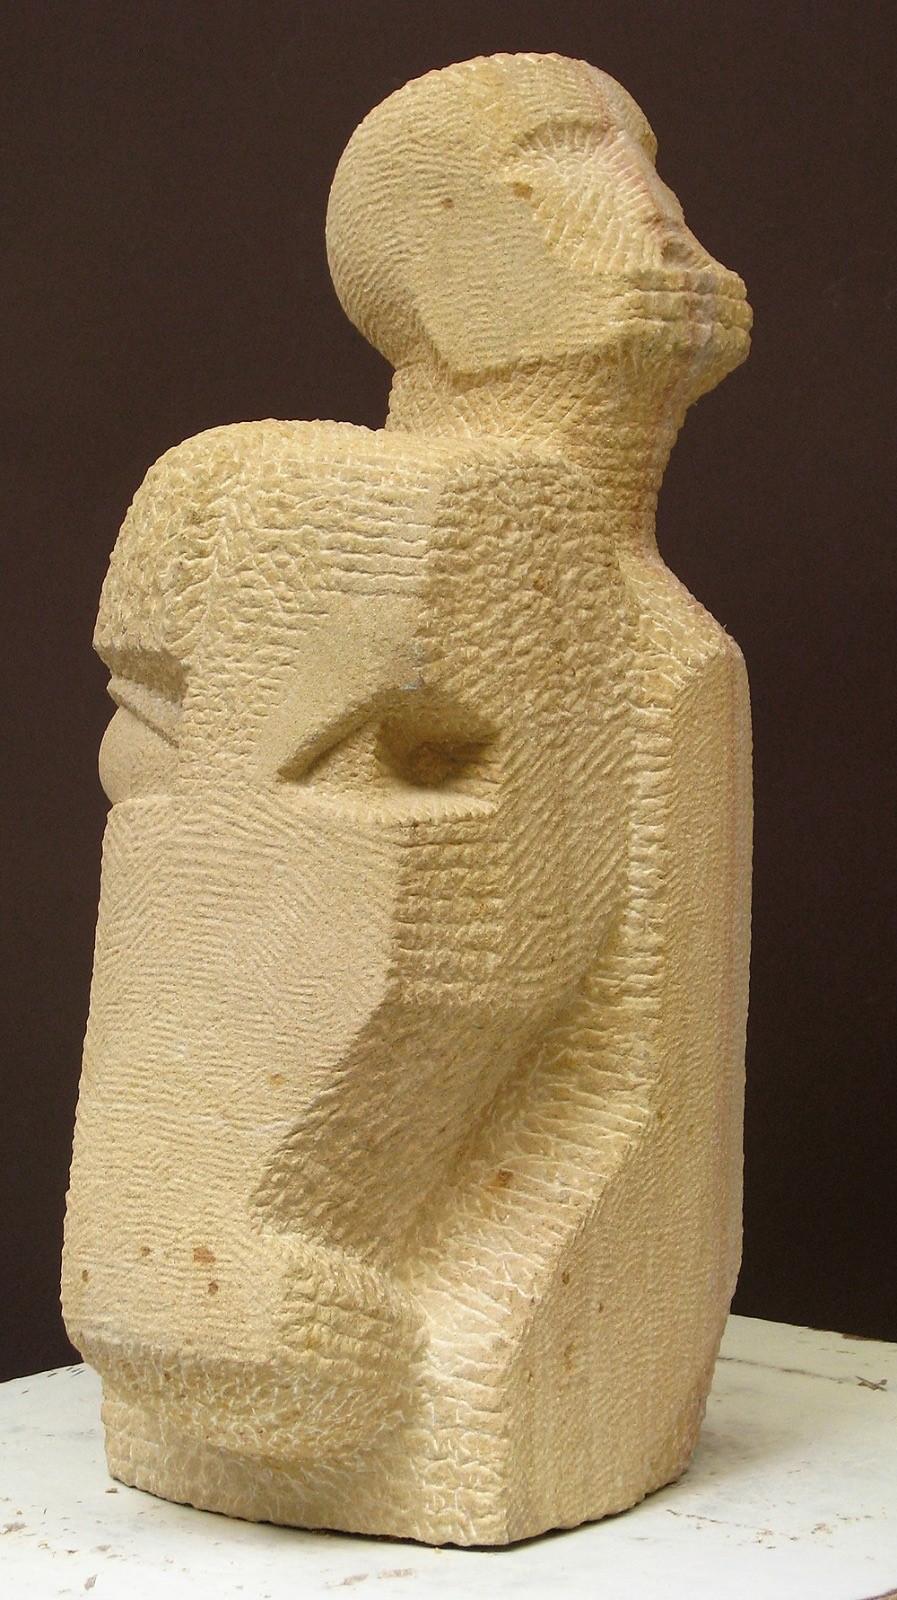 Nachum Enbar, Sculptor and his Sculpture 6